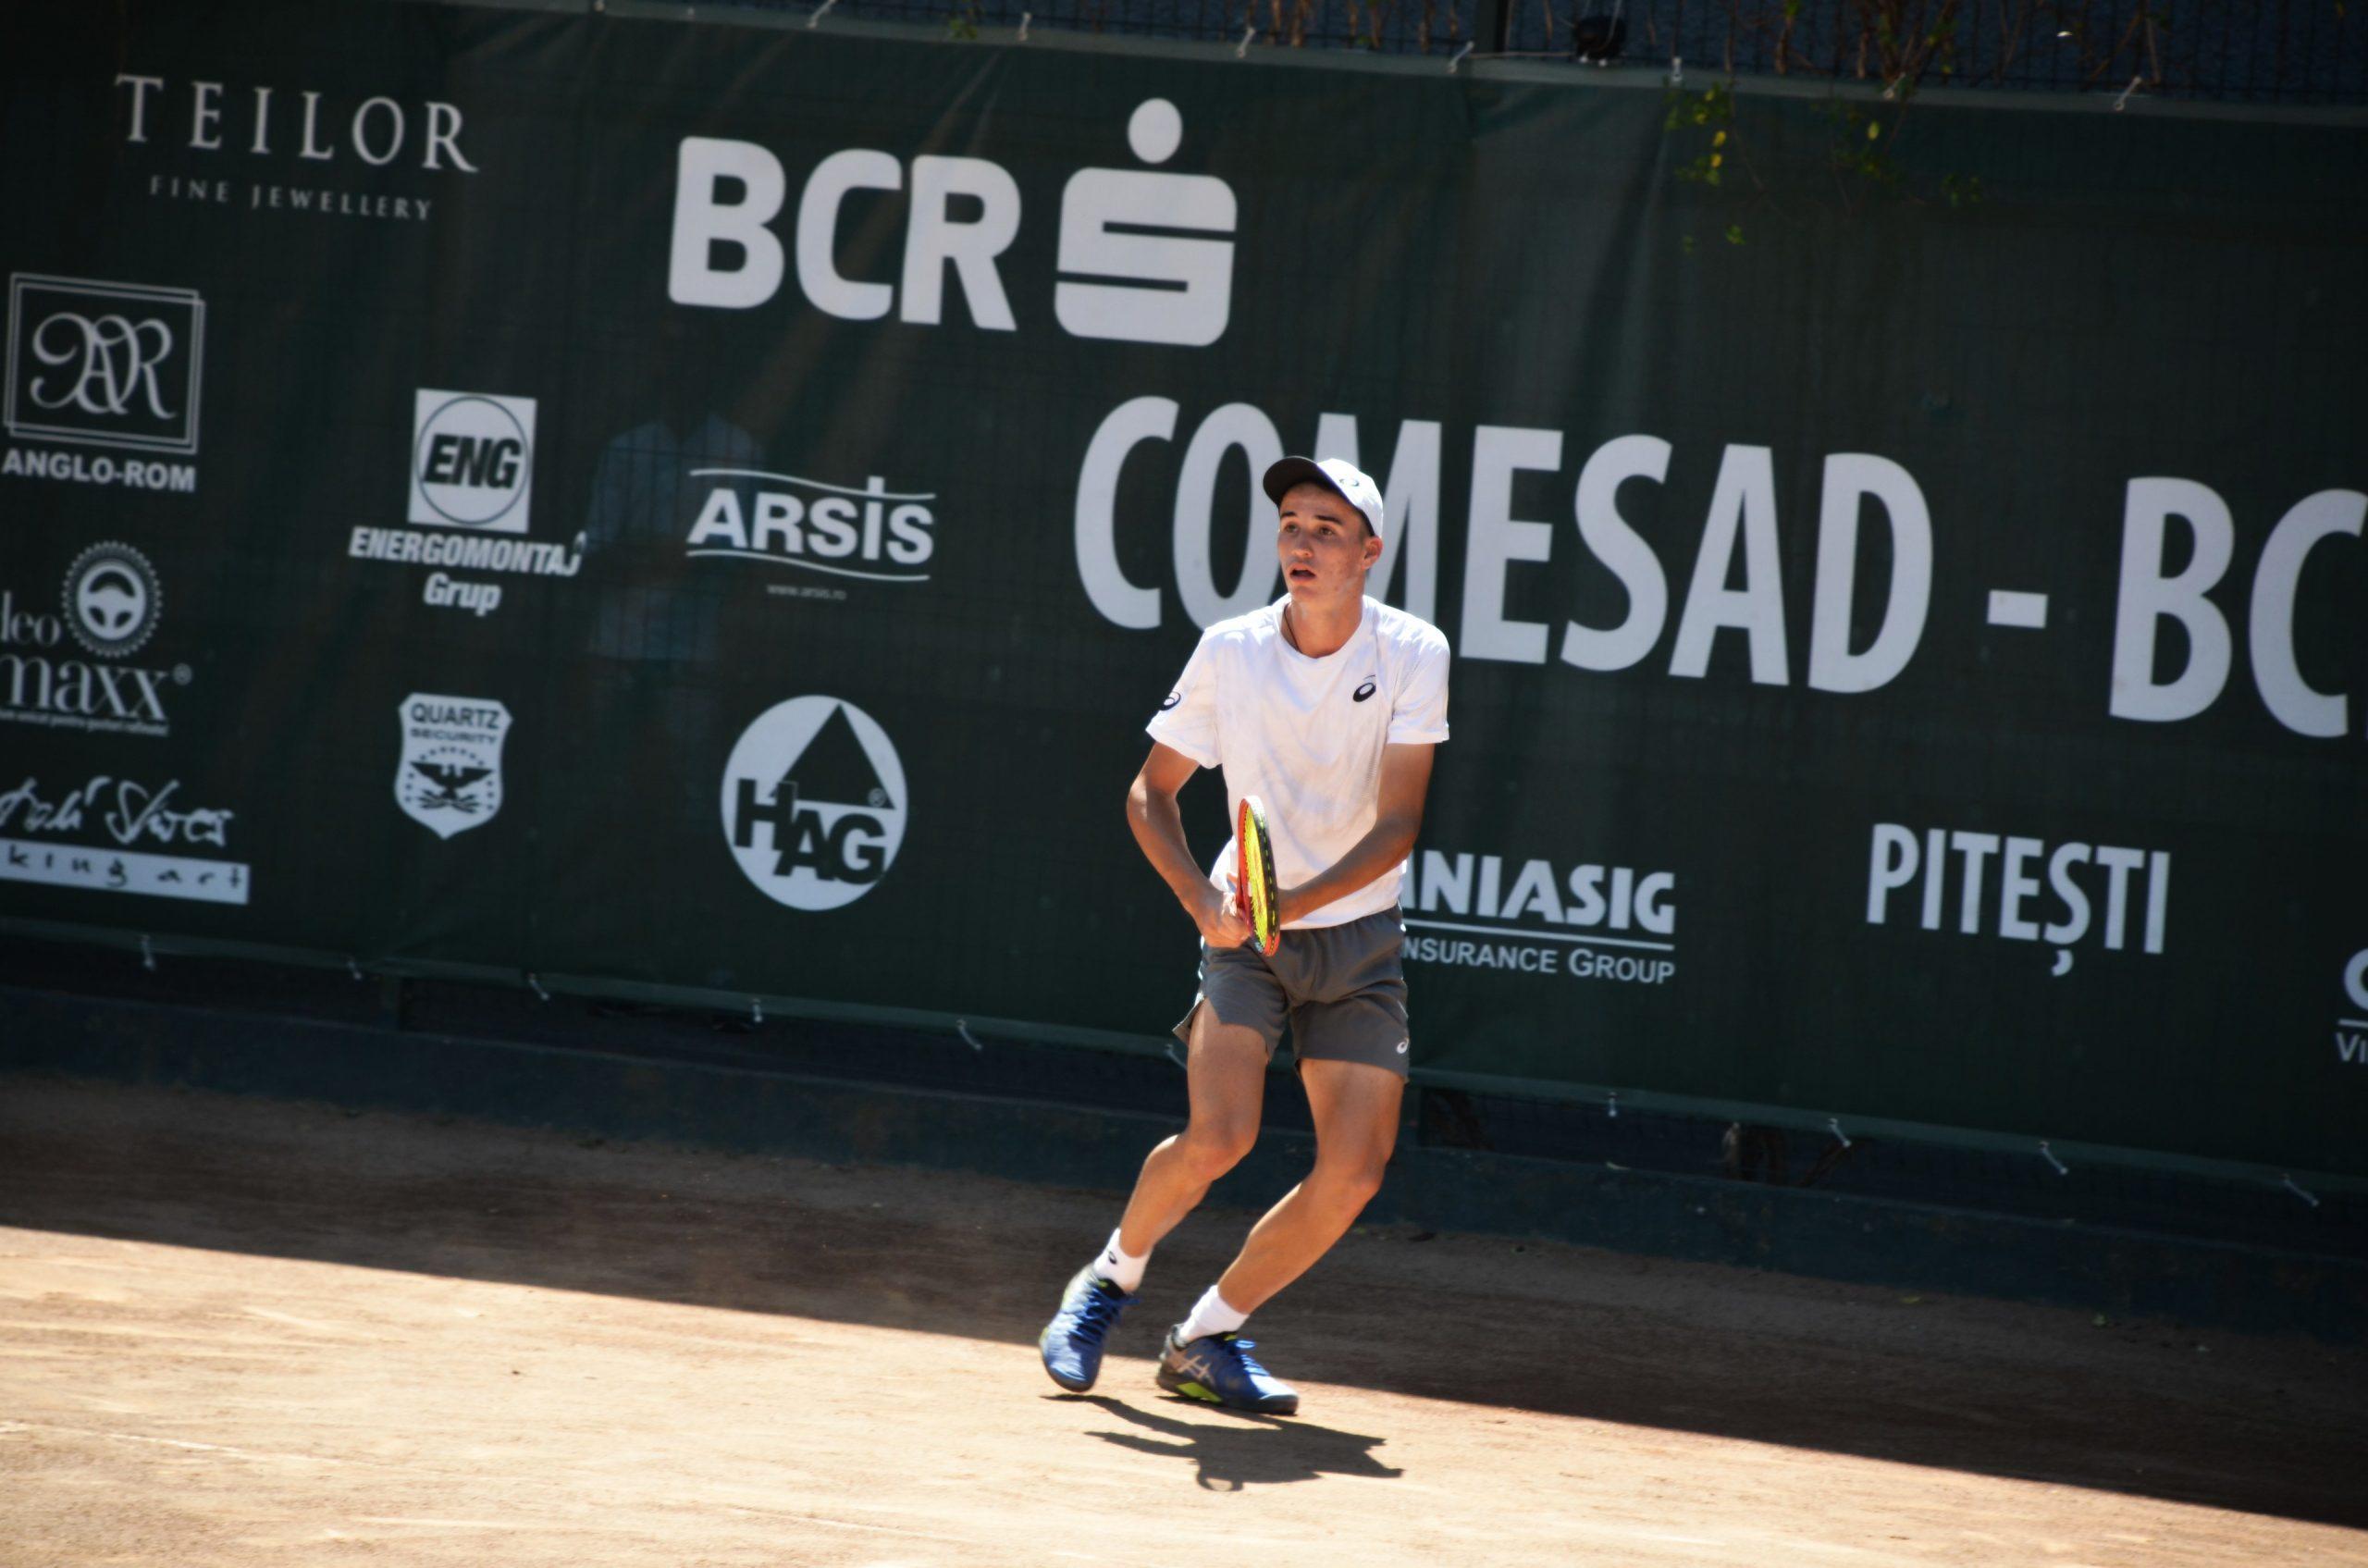 Câștigătorul de la Australian Open juniori la dublu, Nicholas David Ionel, a jucat vara trecută la Comesad BCR Open